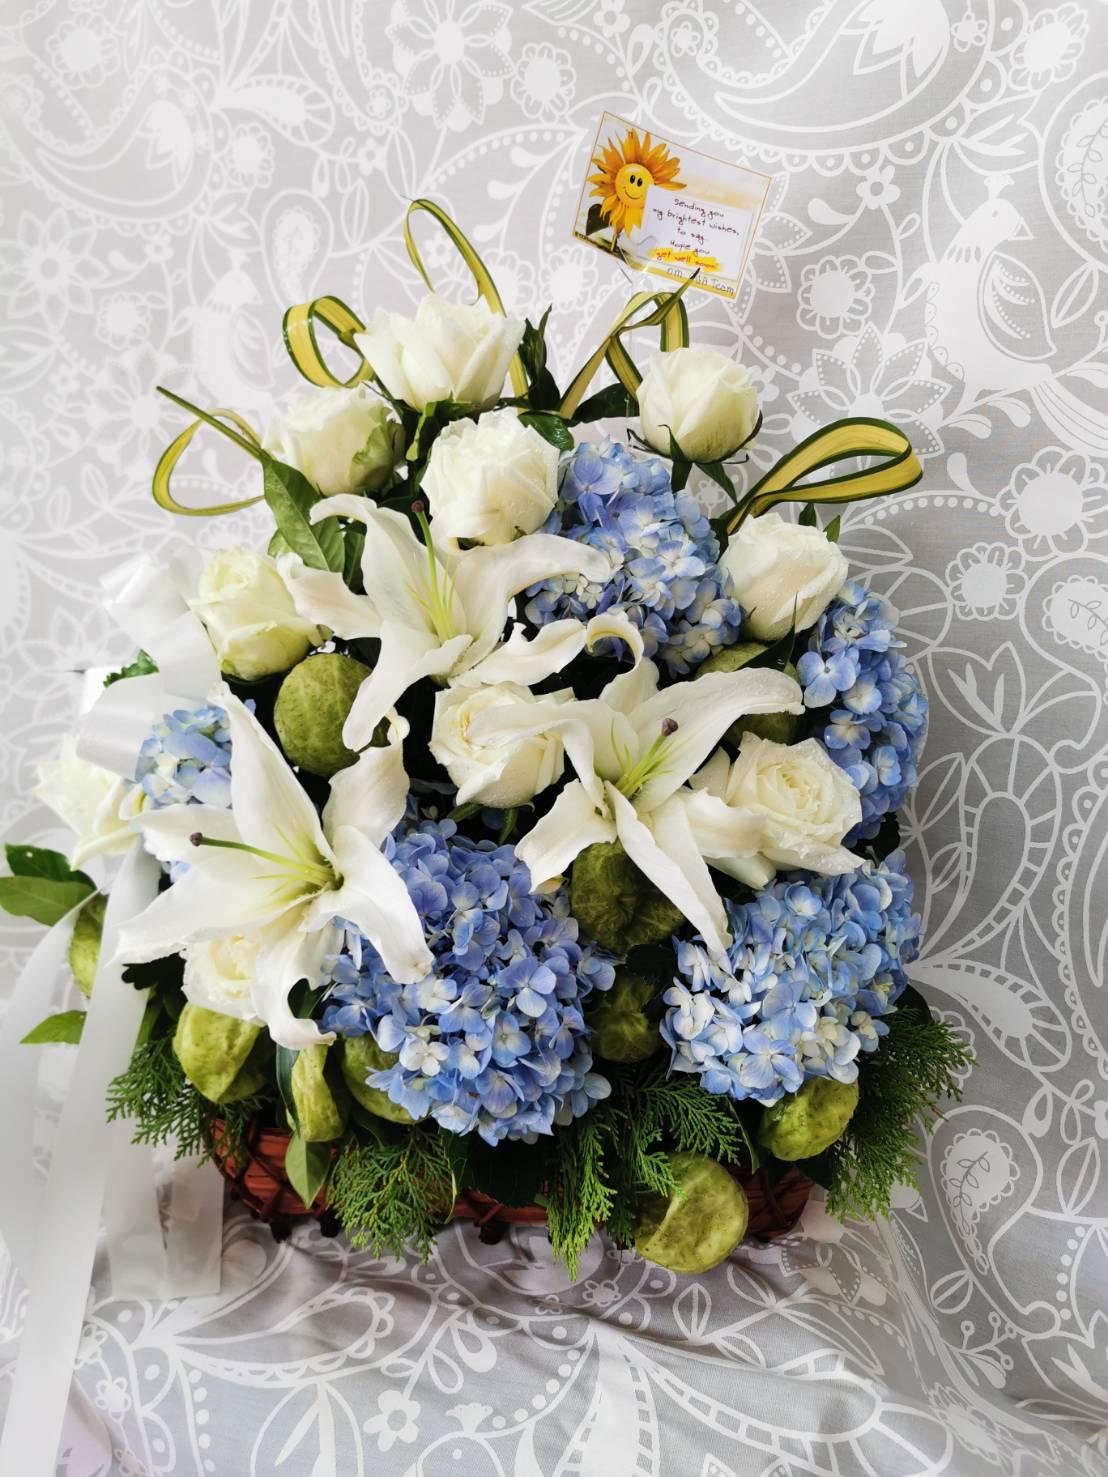 กระเช้าดอกไม้สุดคลาสสิก มีดอกไฮเดรนเยียสีน้ำเงินเป็นจุดเด่น